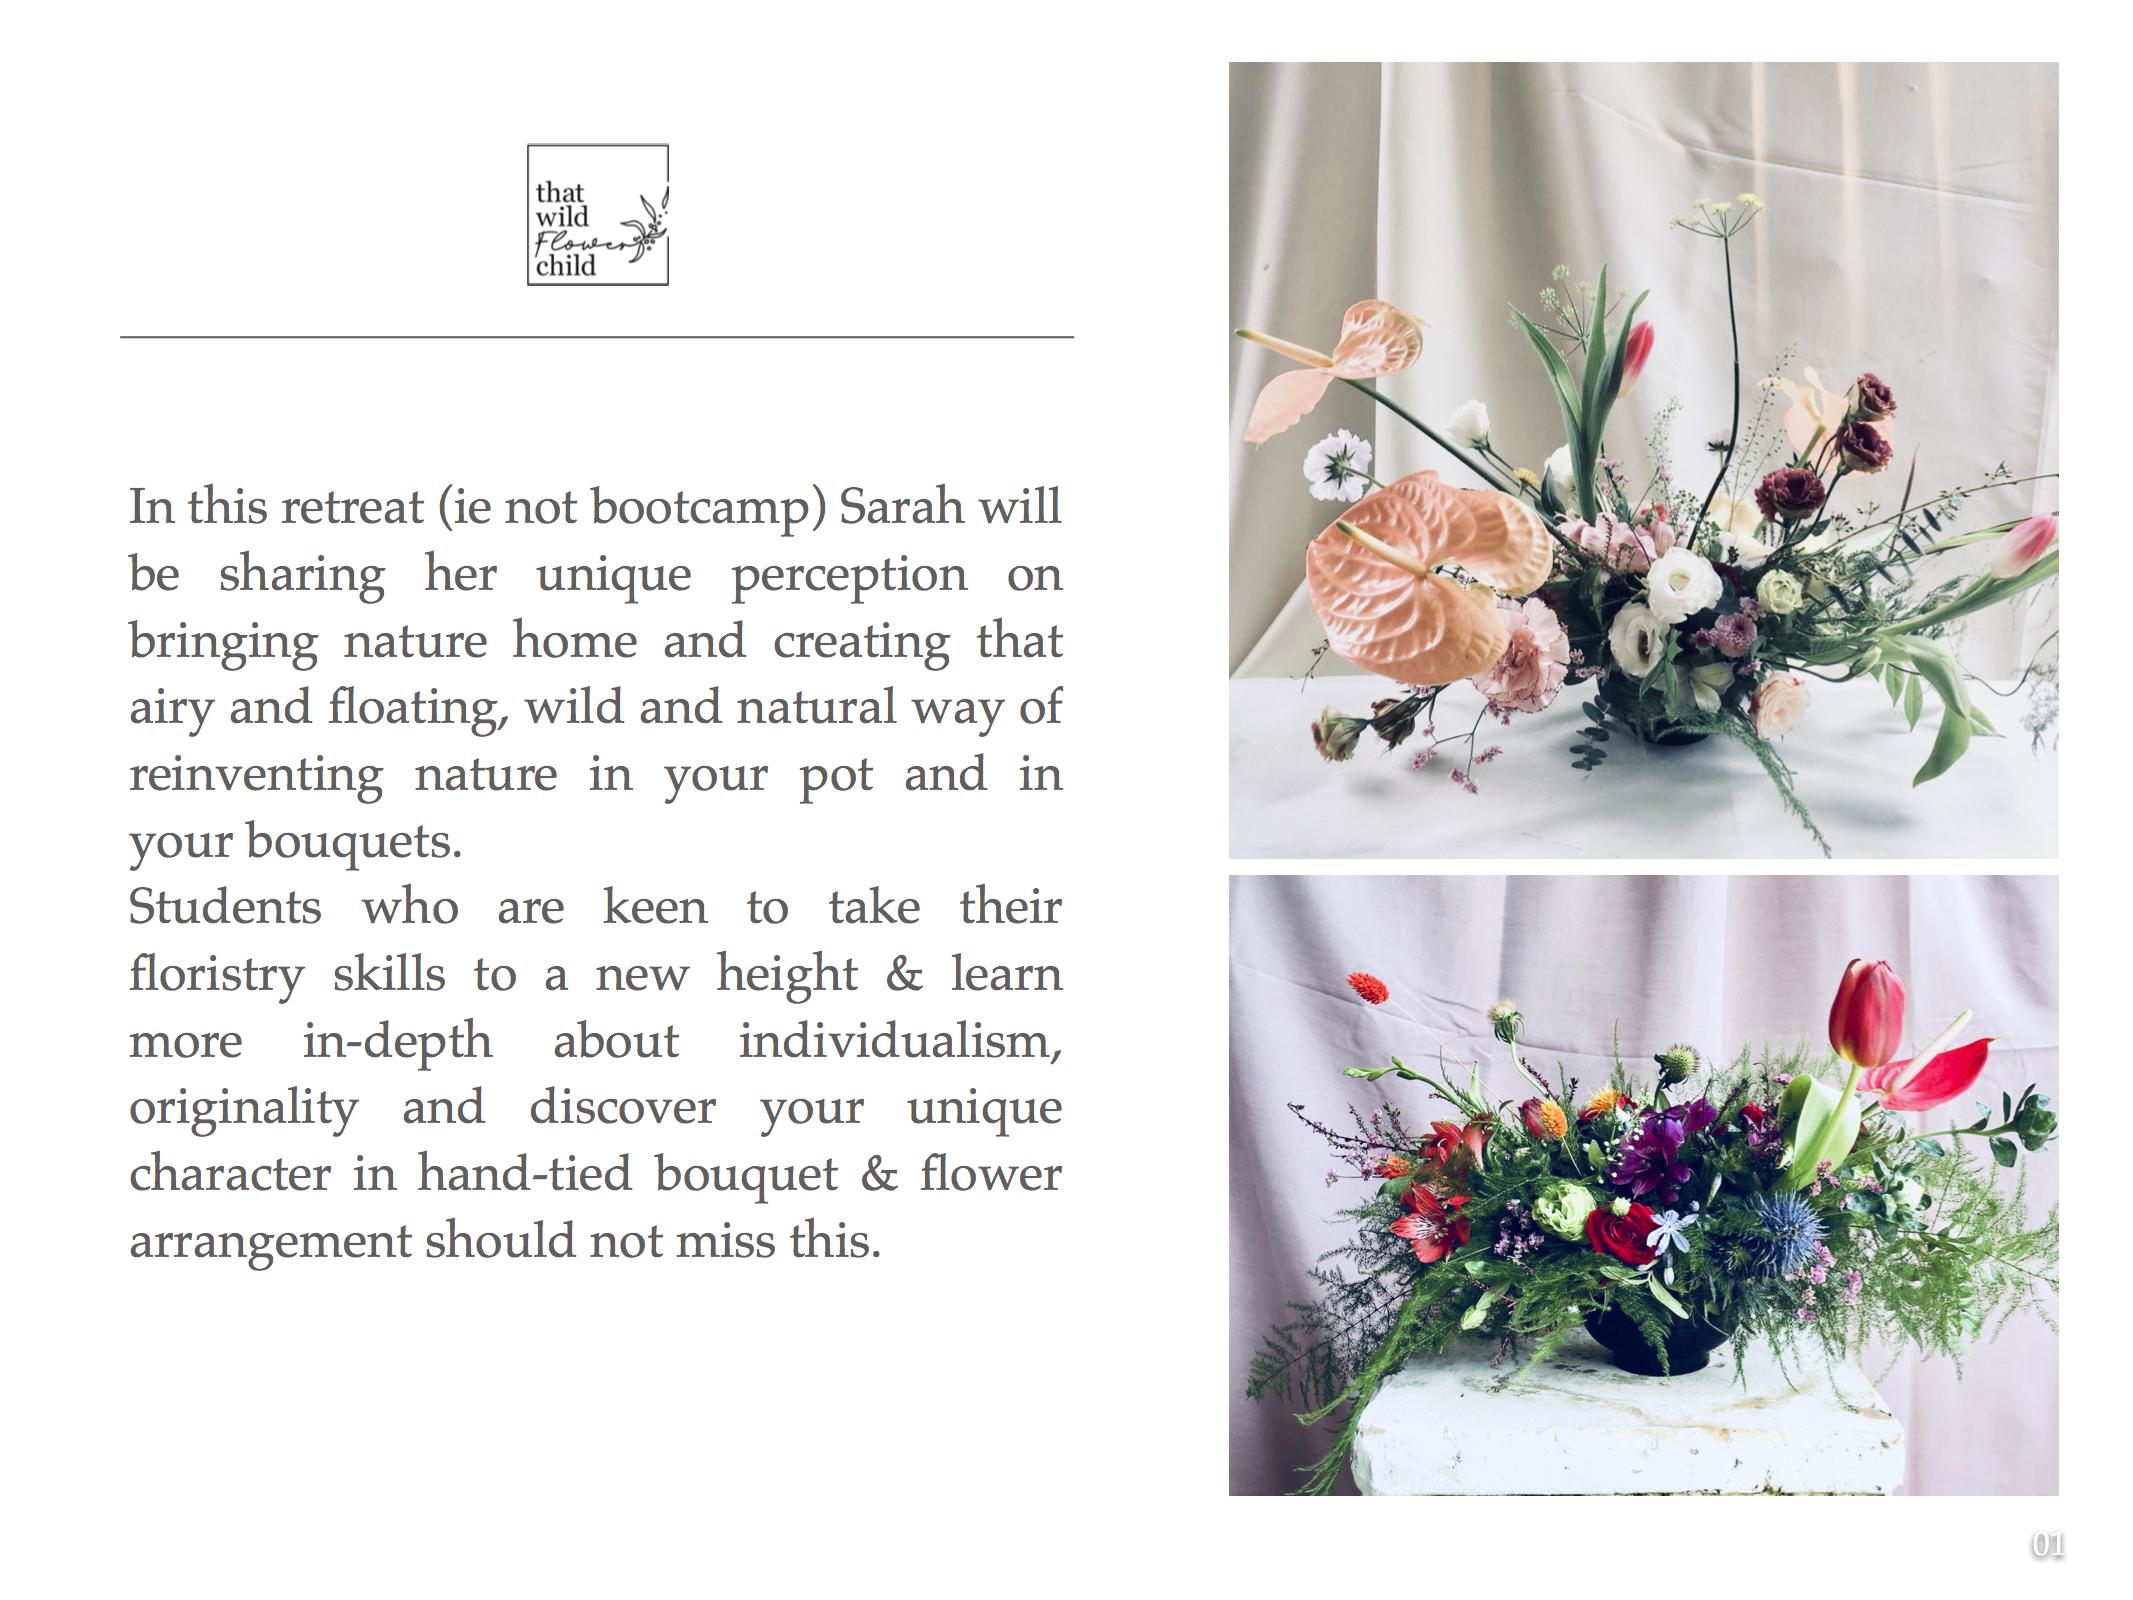 THAT WILD FLOWERCHILD 5.jpg